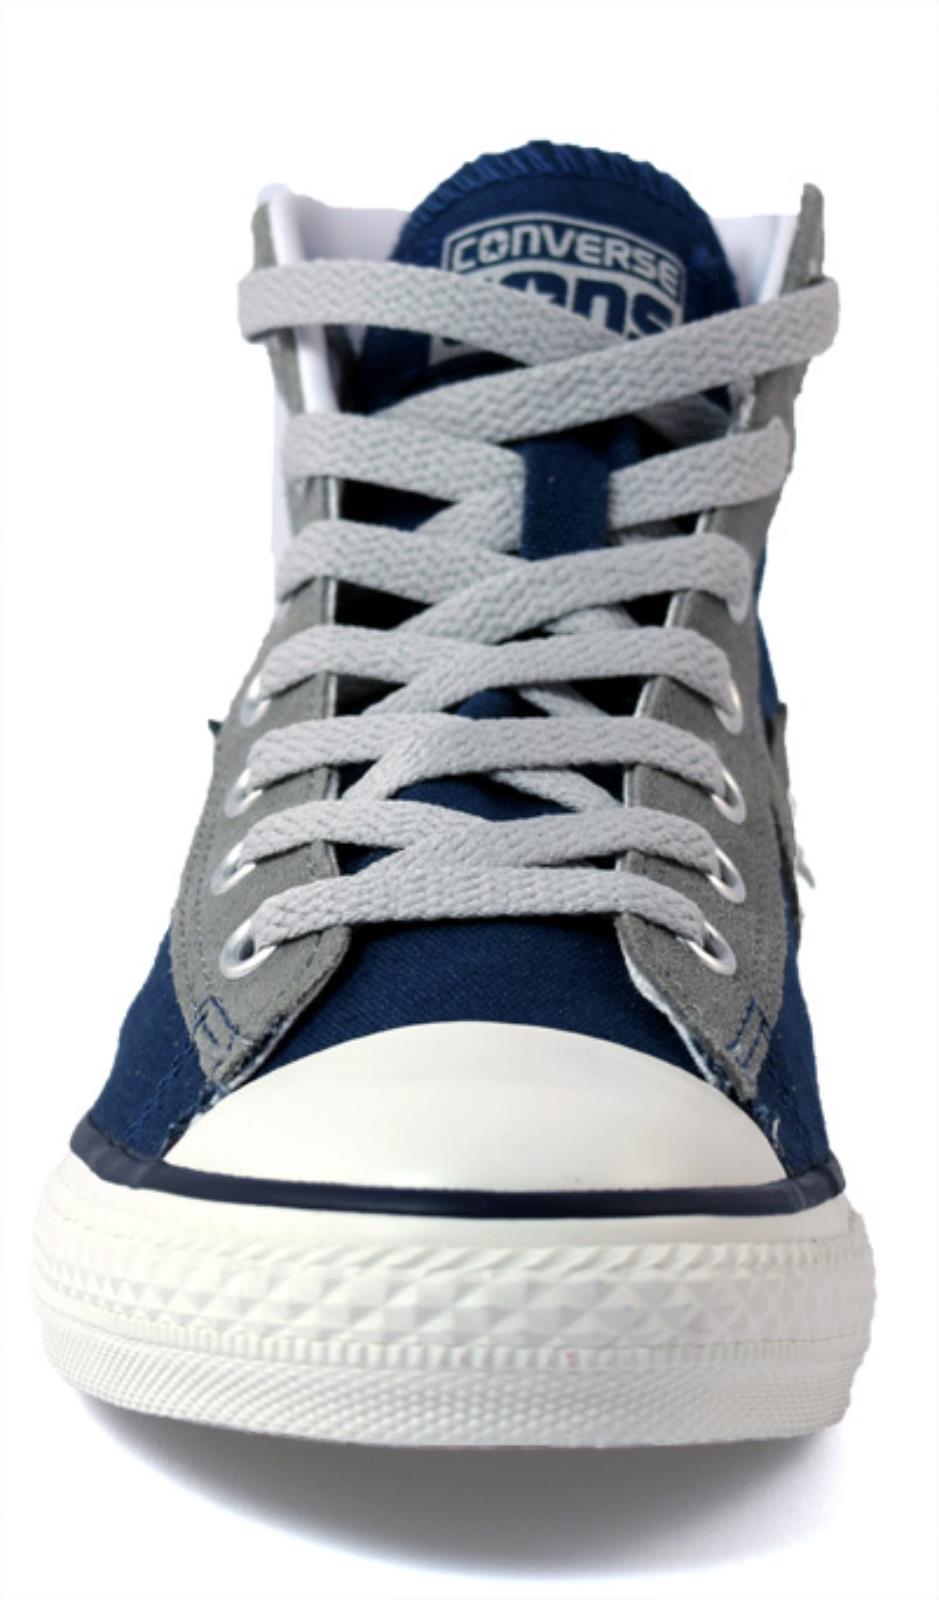 scarpe tela bambino converse